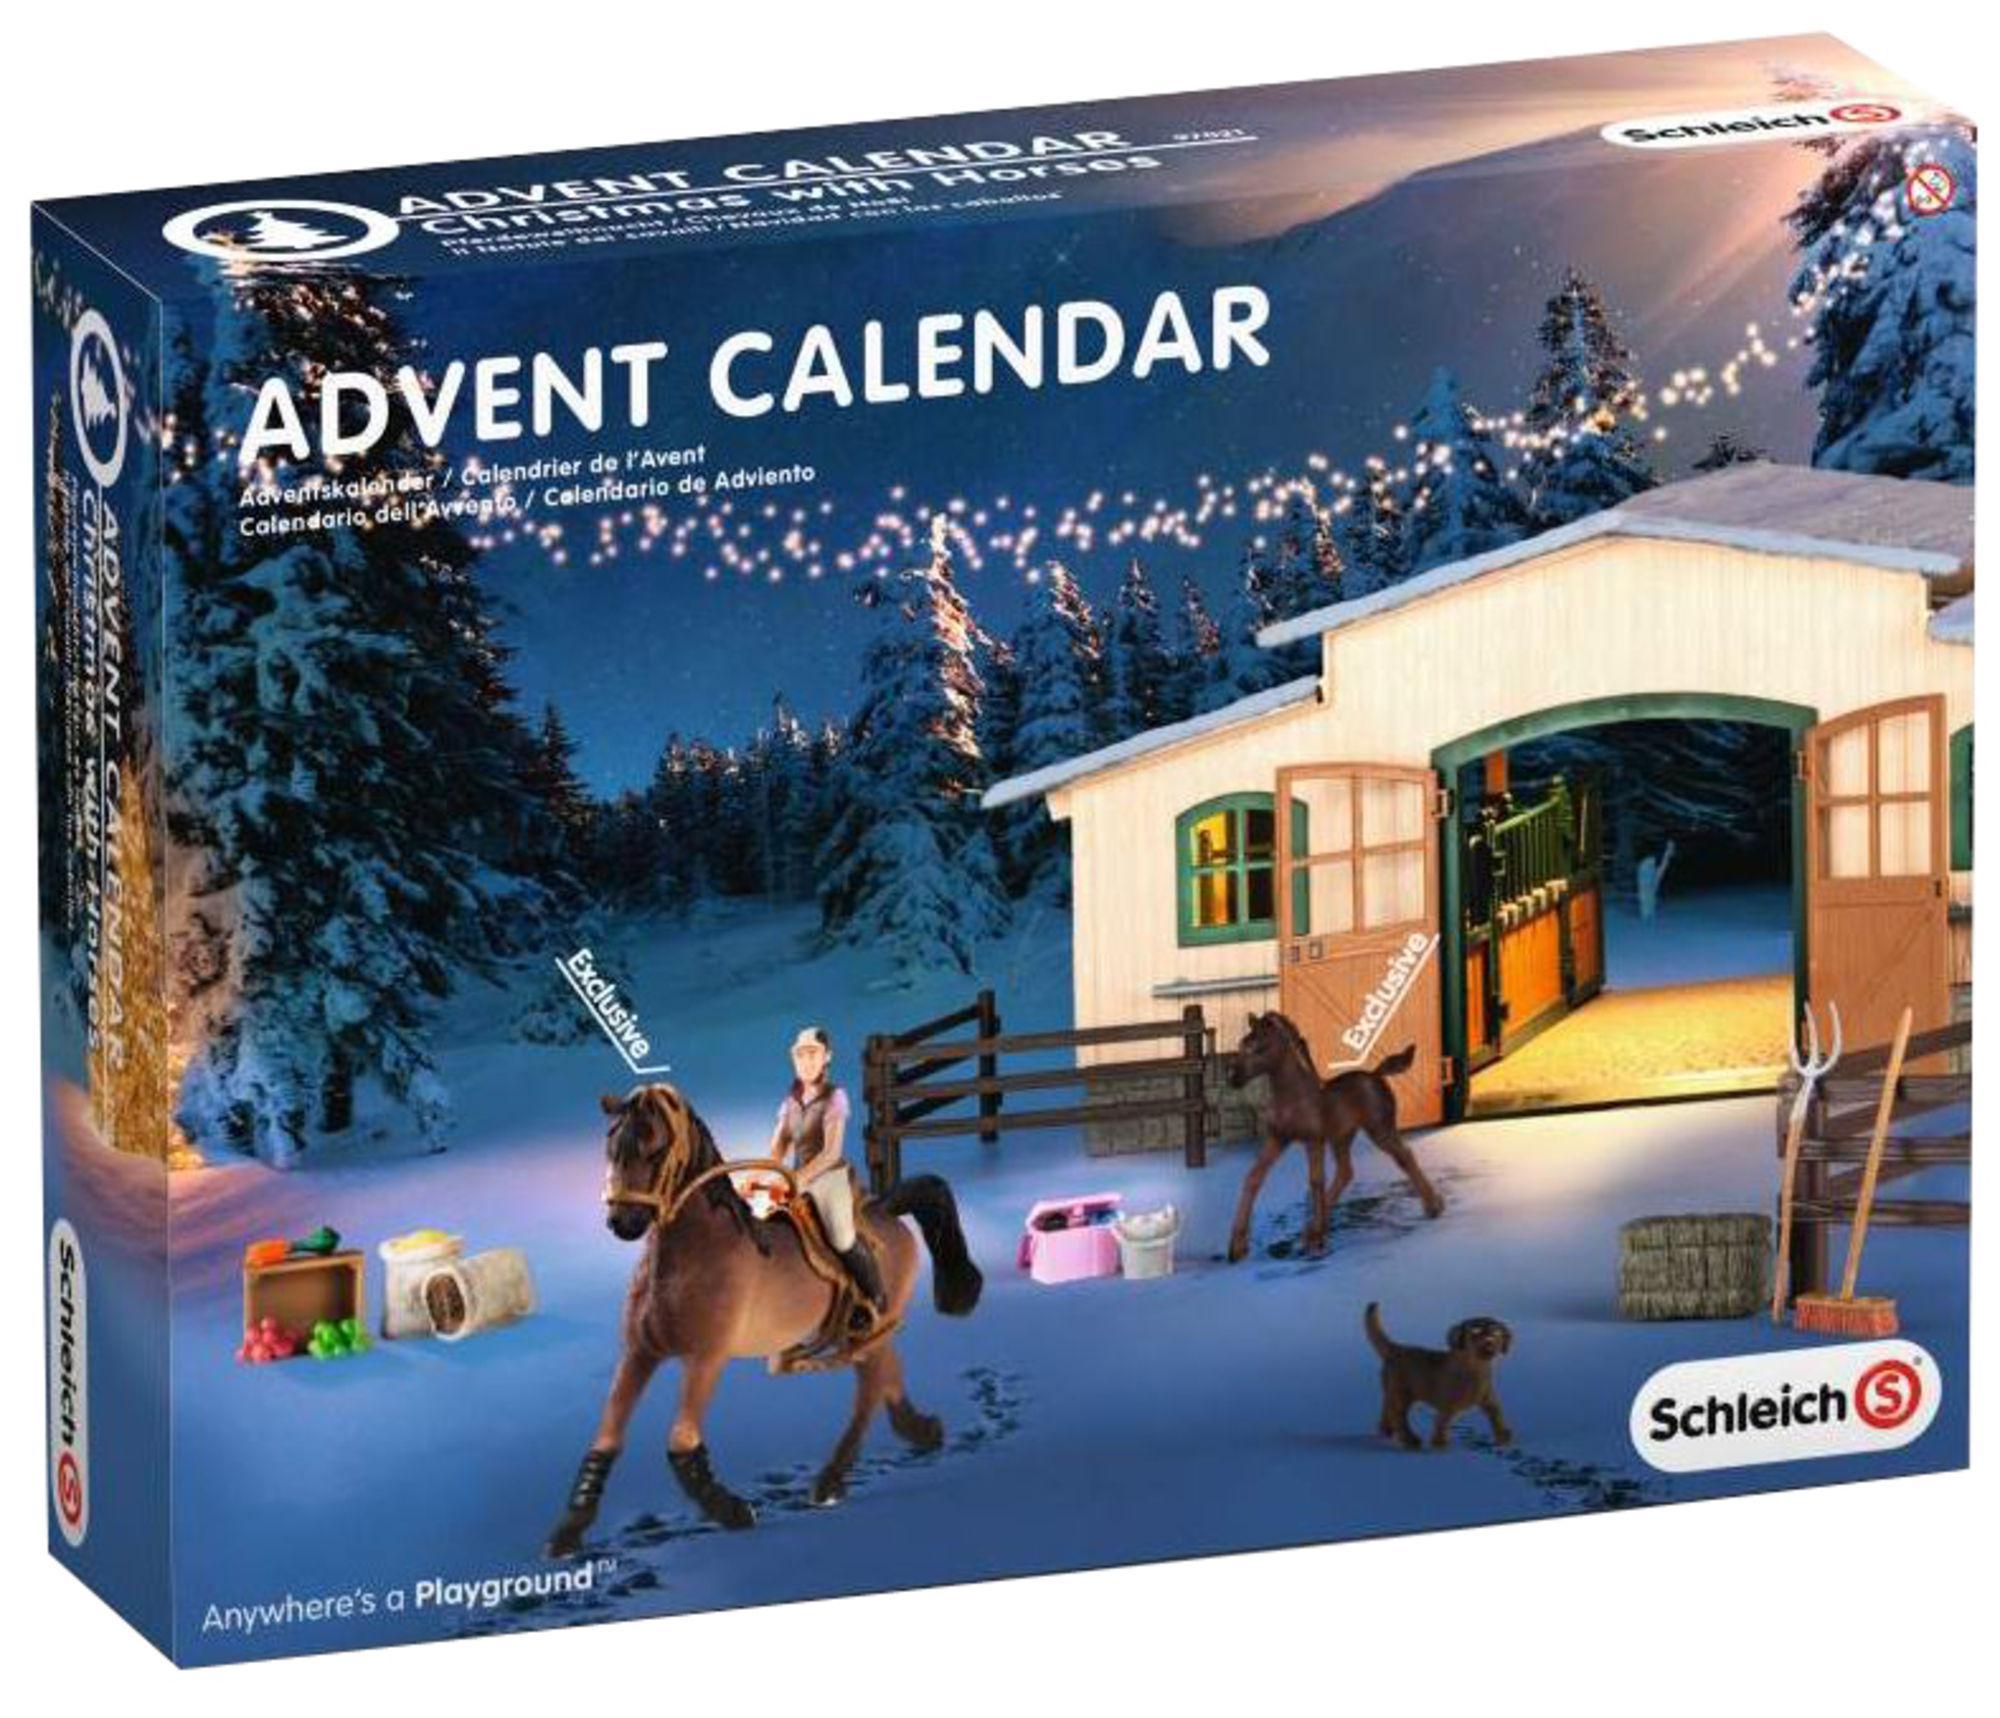 schleich joulukalenteri hevoset 2018 Schleich joulukalenteri hevoset | Hintaseuranta.fi schleich joulukalenteri hevoset 2018